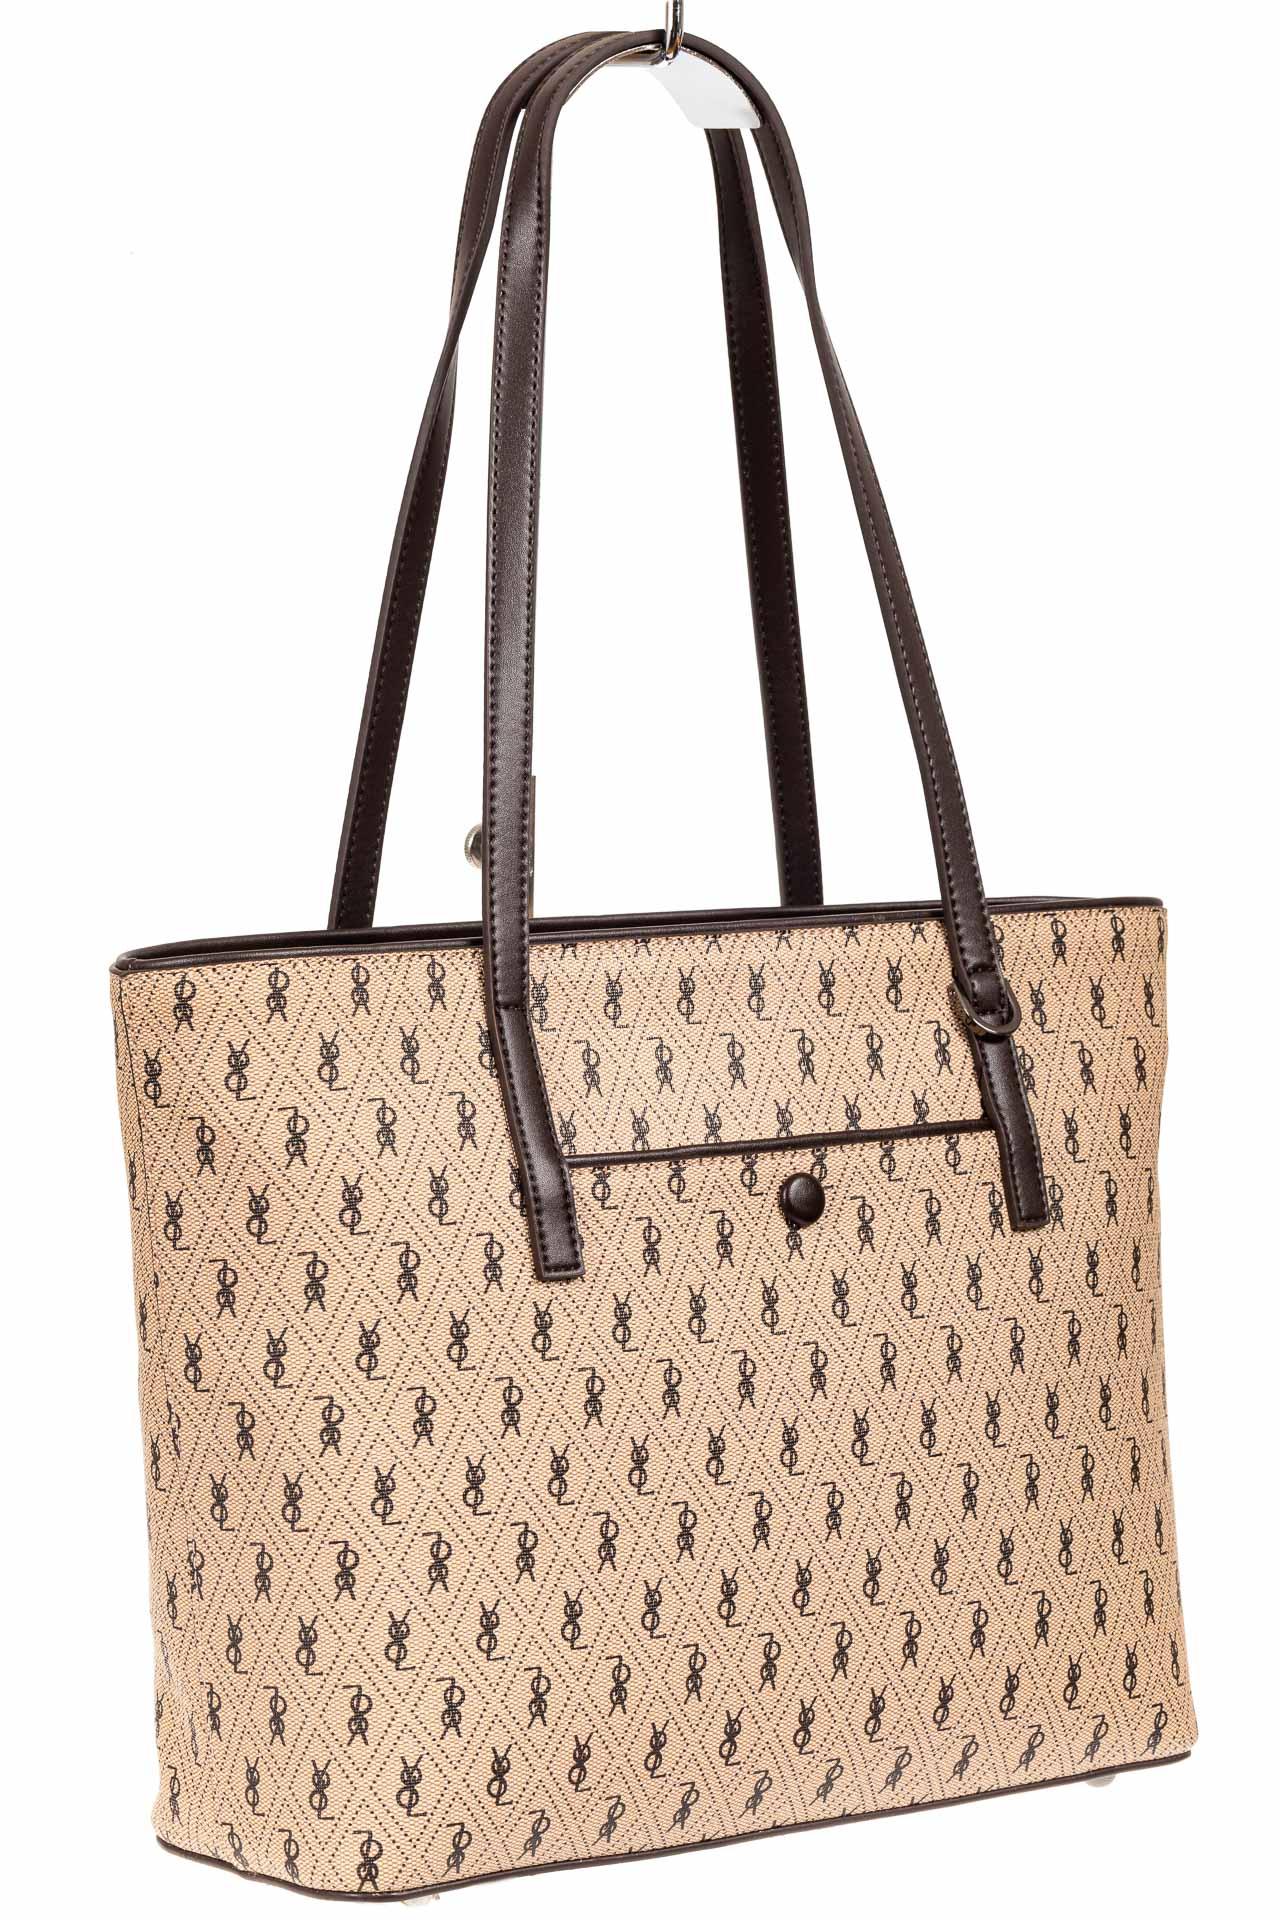 Женская сумка шоппер из искусственной кожи, цвет бежевый с принтом3799PJ0420/10